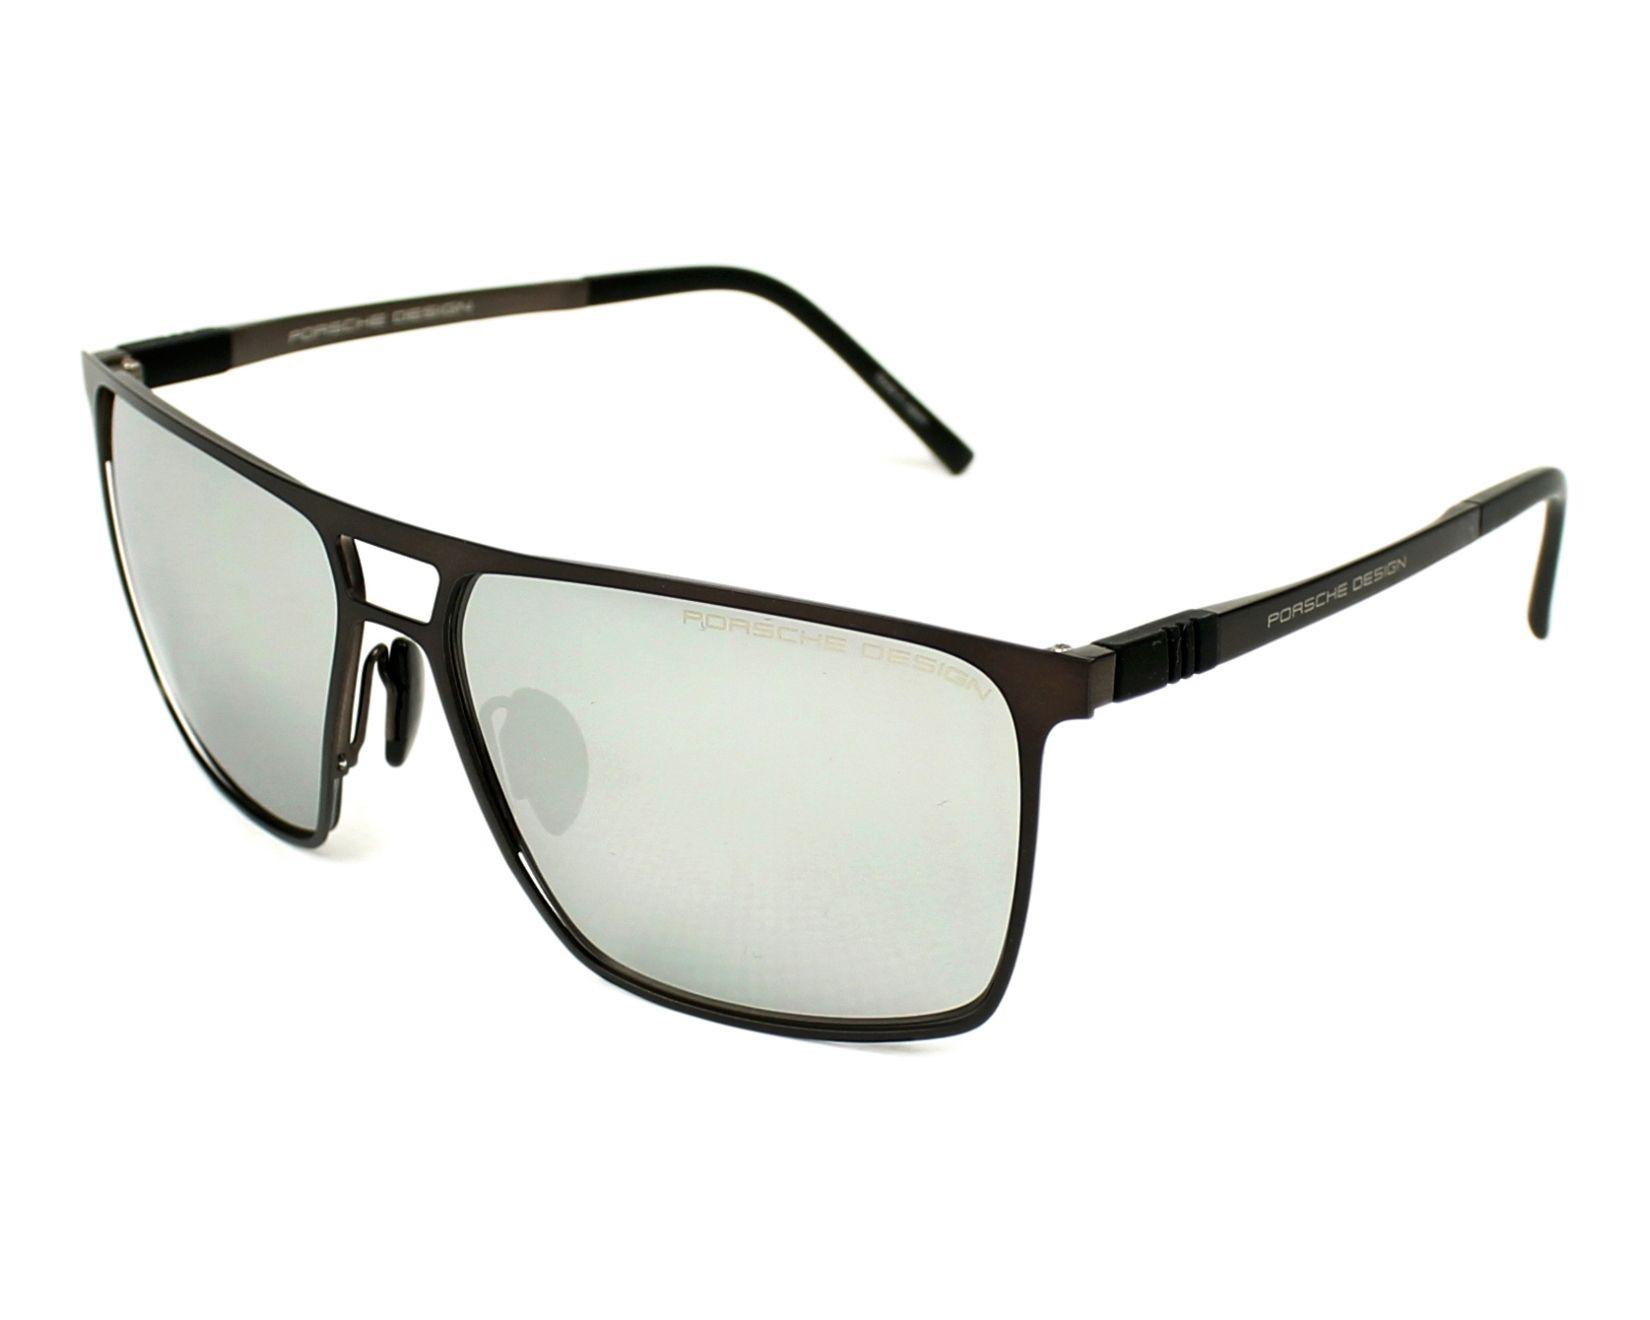 091ff4daae Sunglasses Porsche Design P-8610 C 59-15 Bronze Black profile view